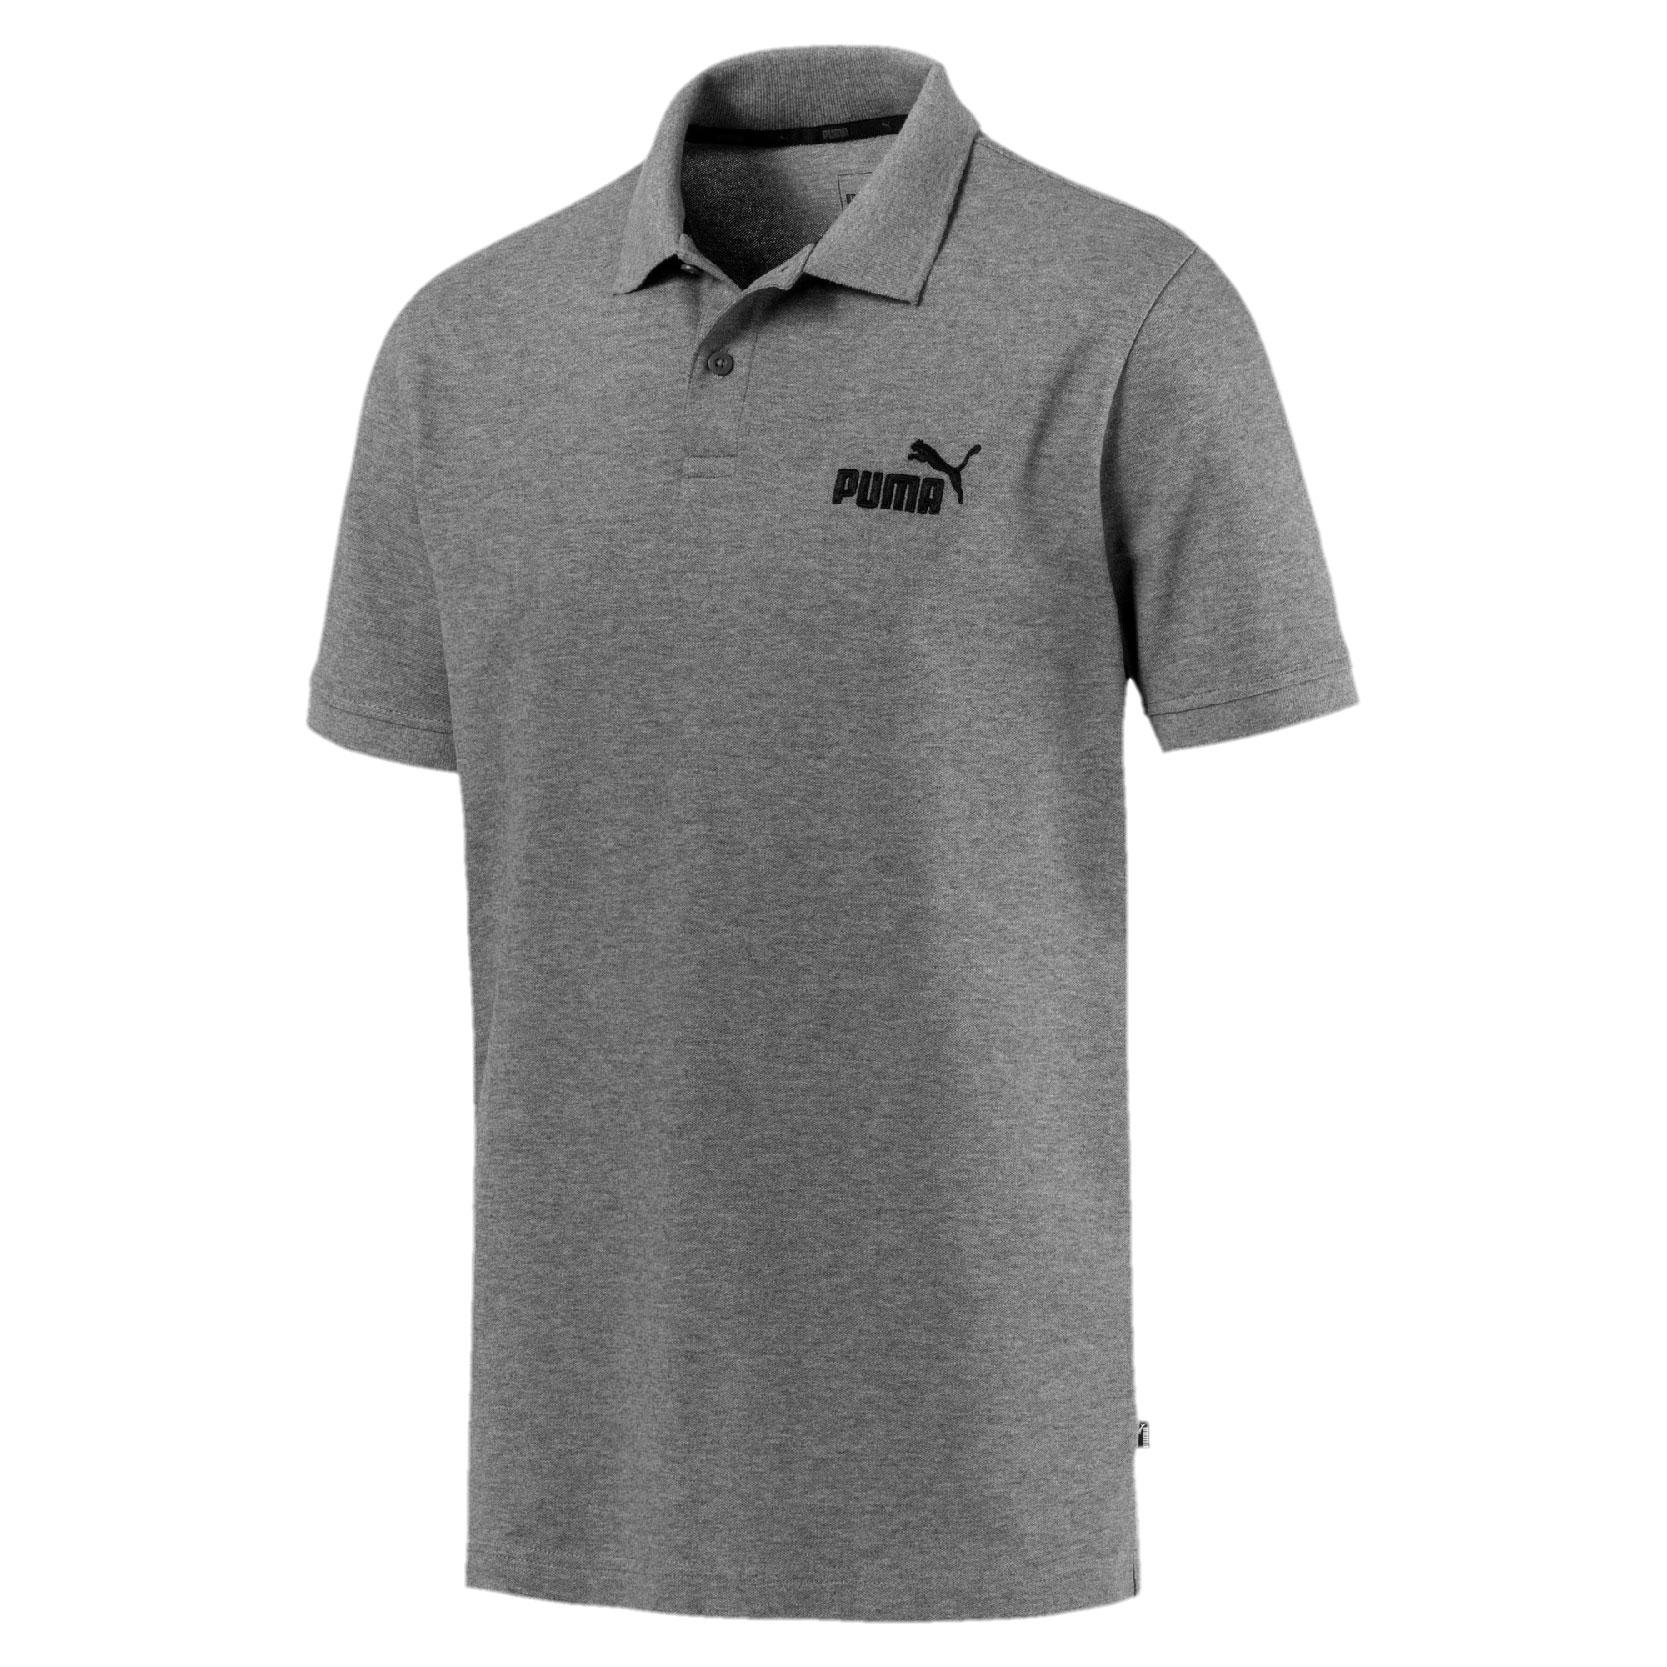 Puma Men's Essentials Pique Polo 851759-03